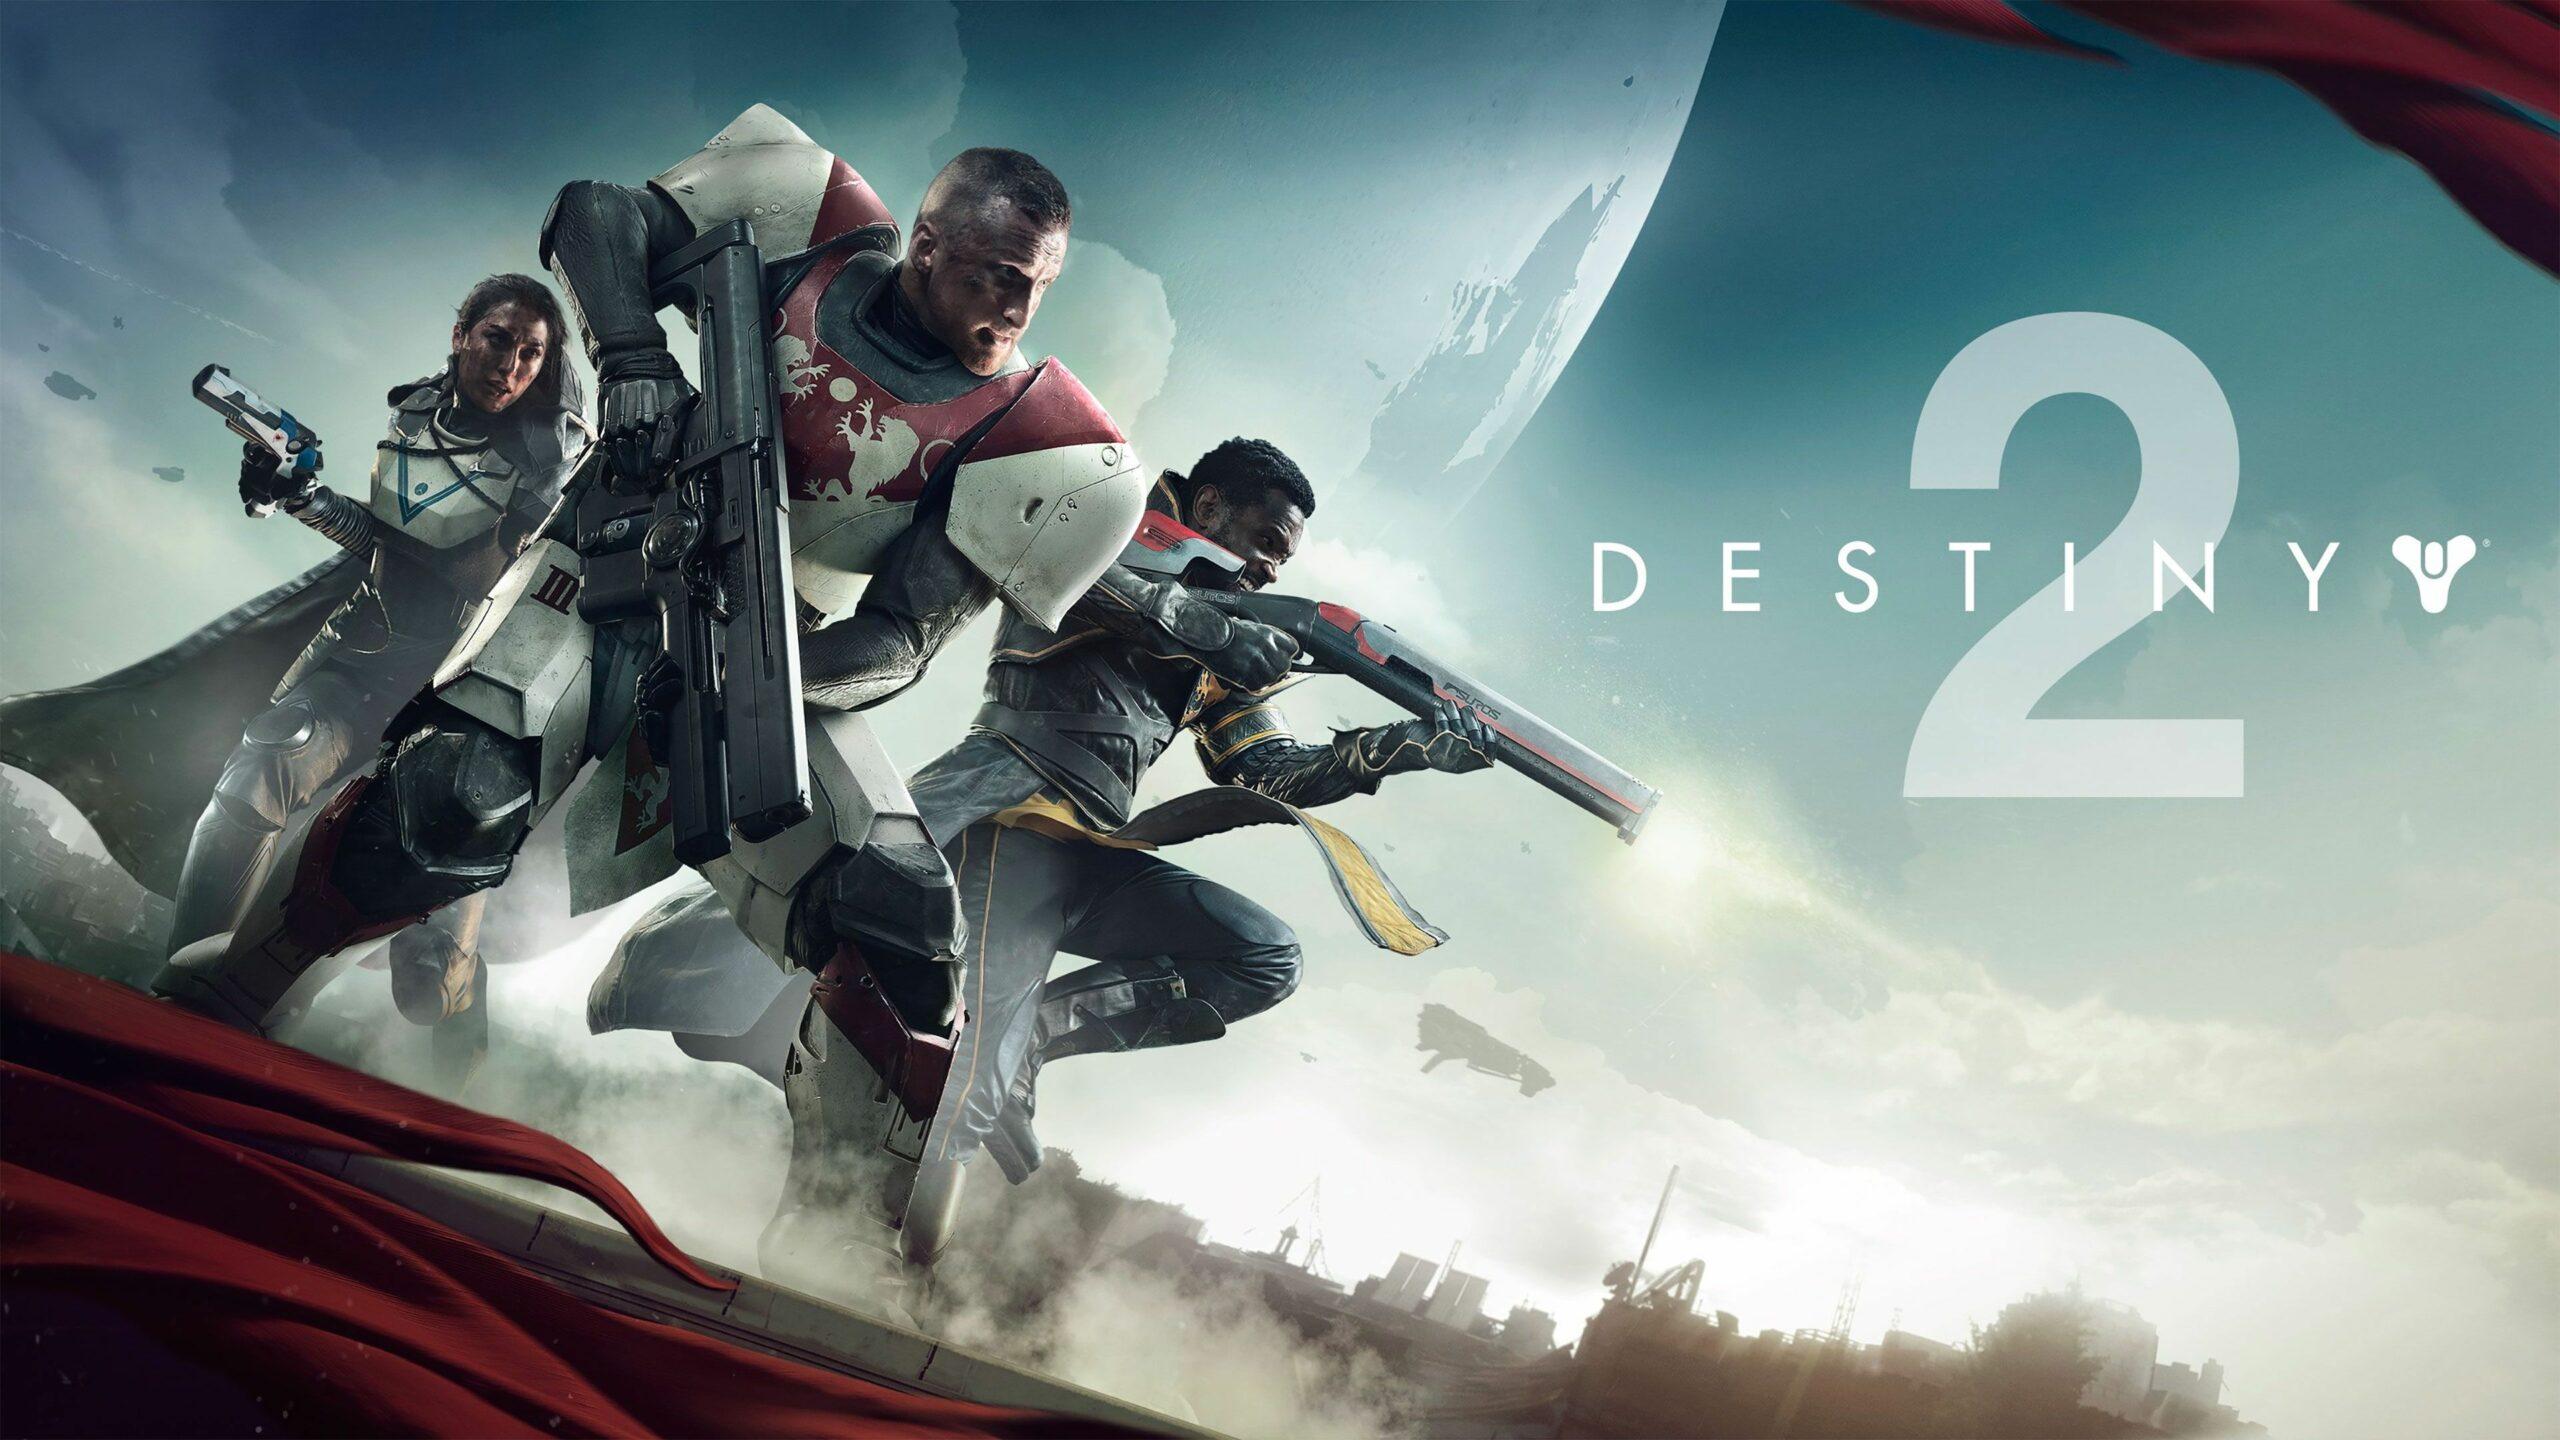 Destiny 2 Wallpaper HD